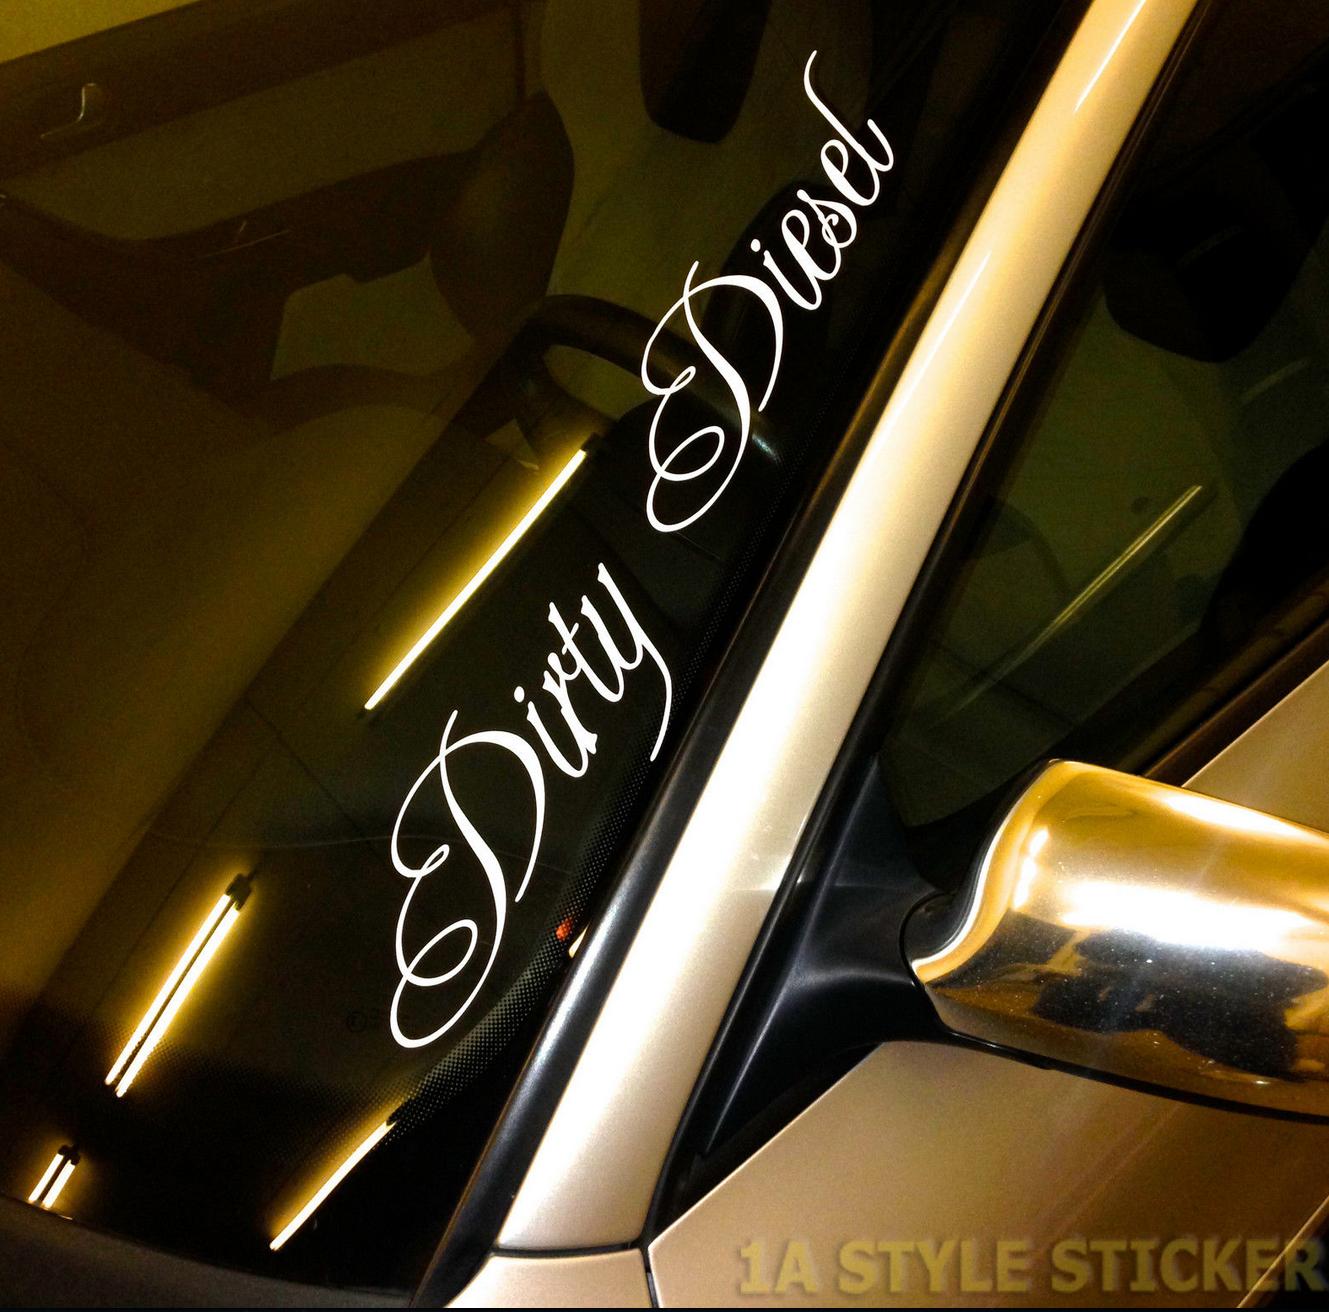 Dirty Diesel Frontscheibenaufkleber Frontscheibenaufkleber Uber